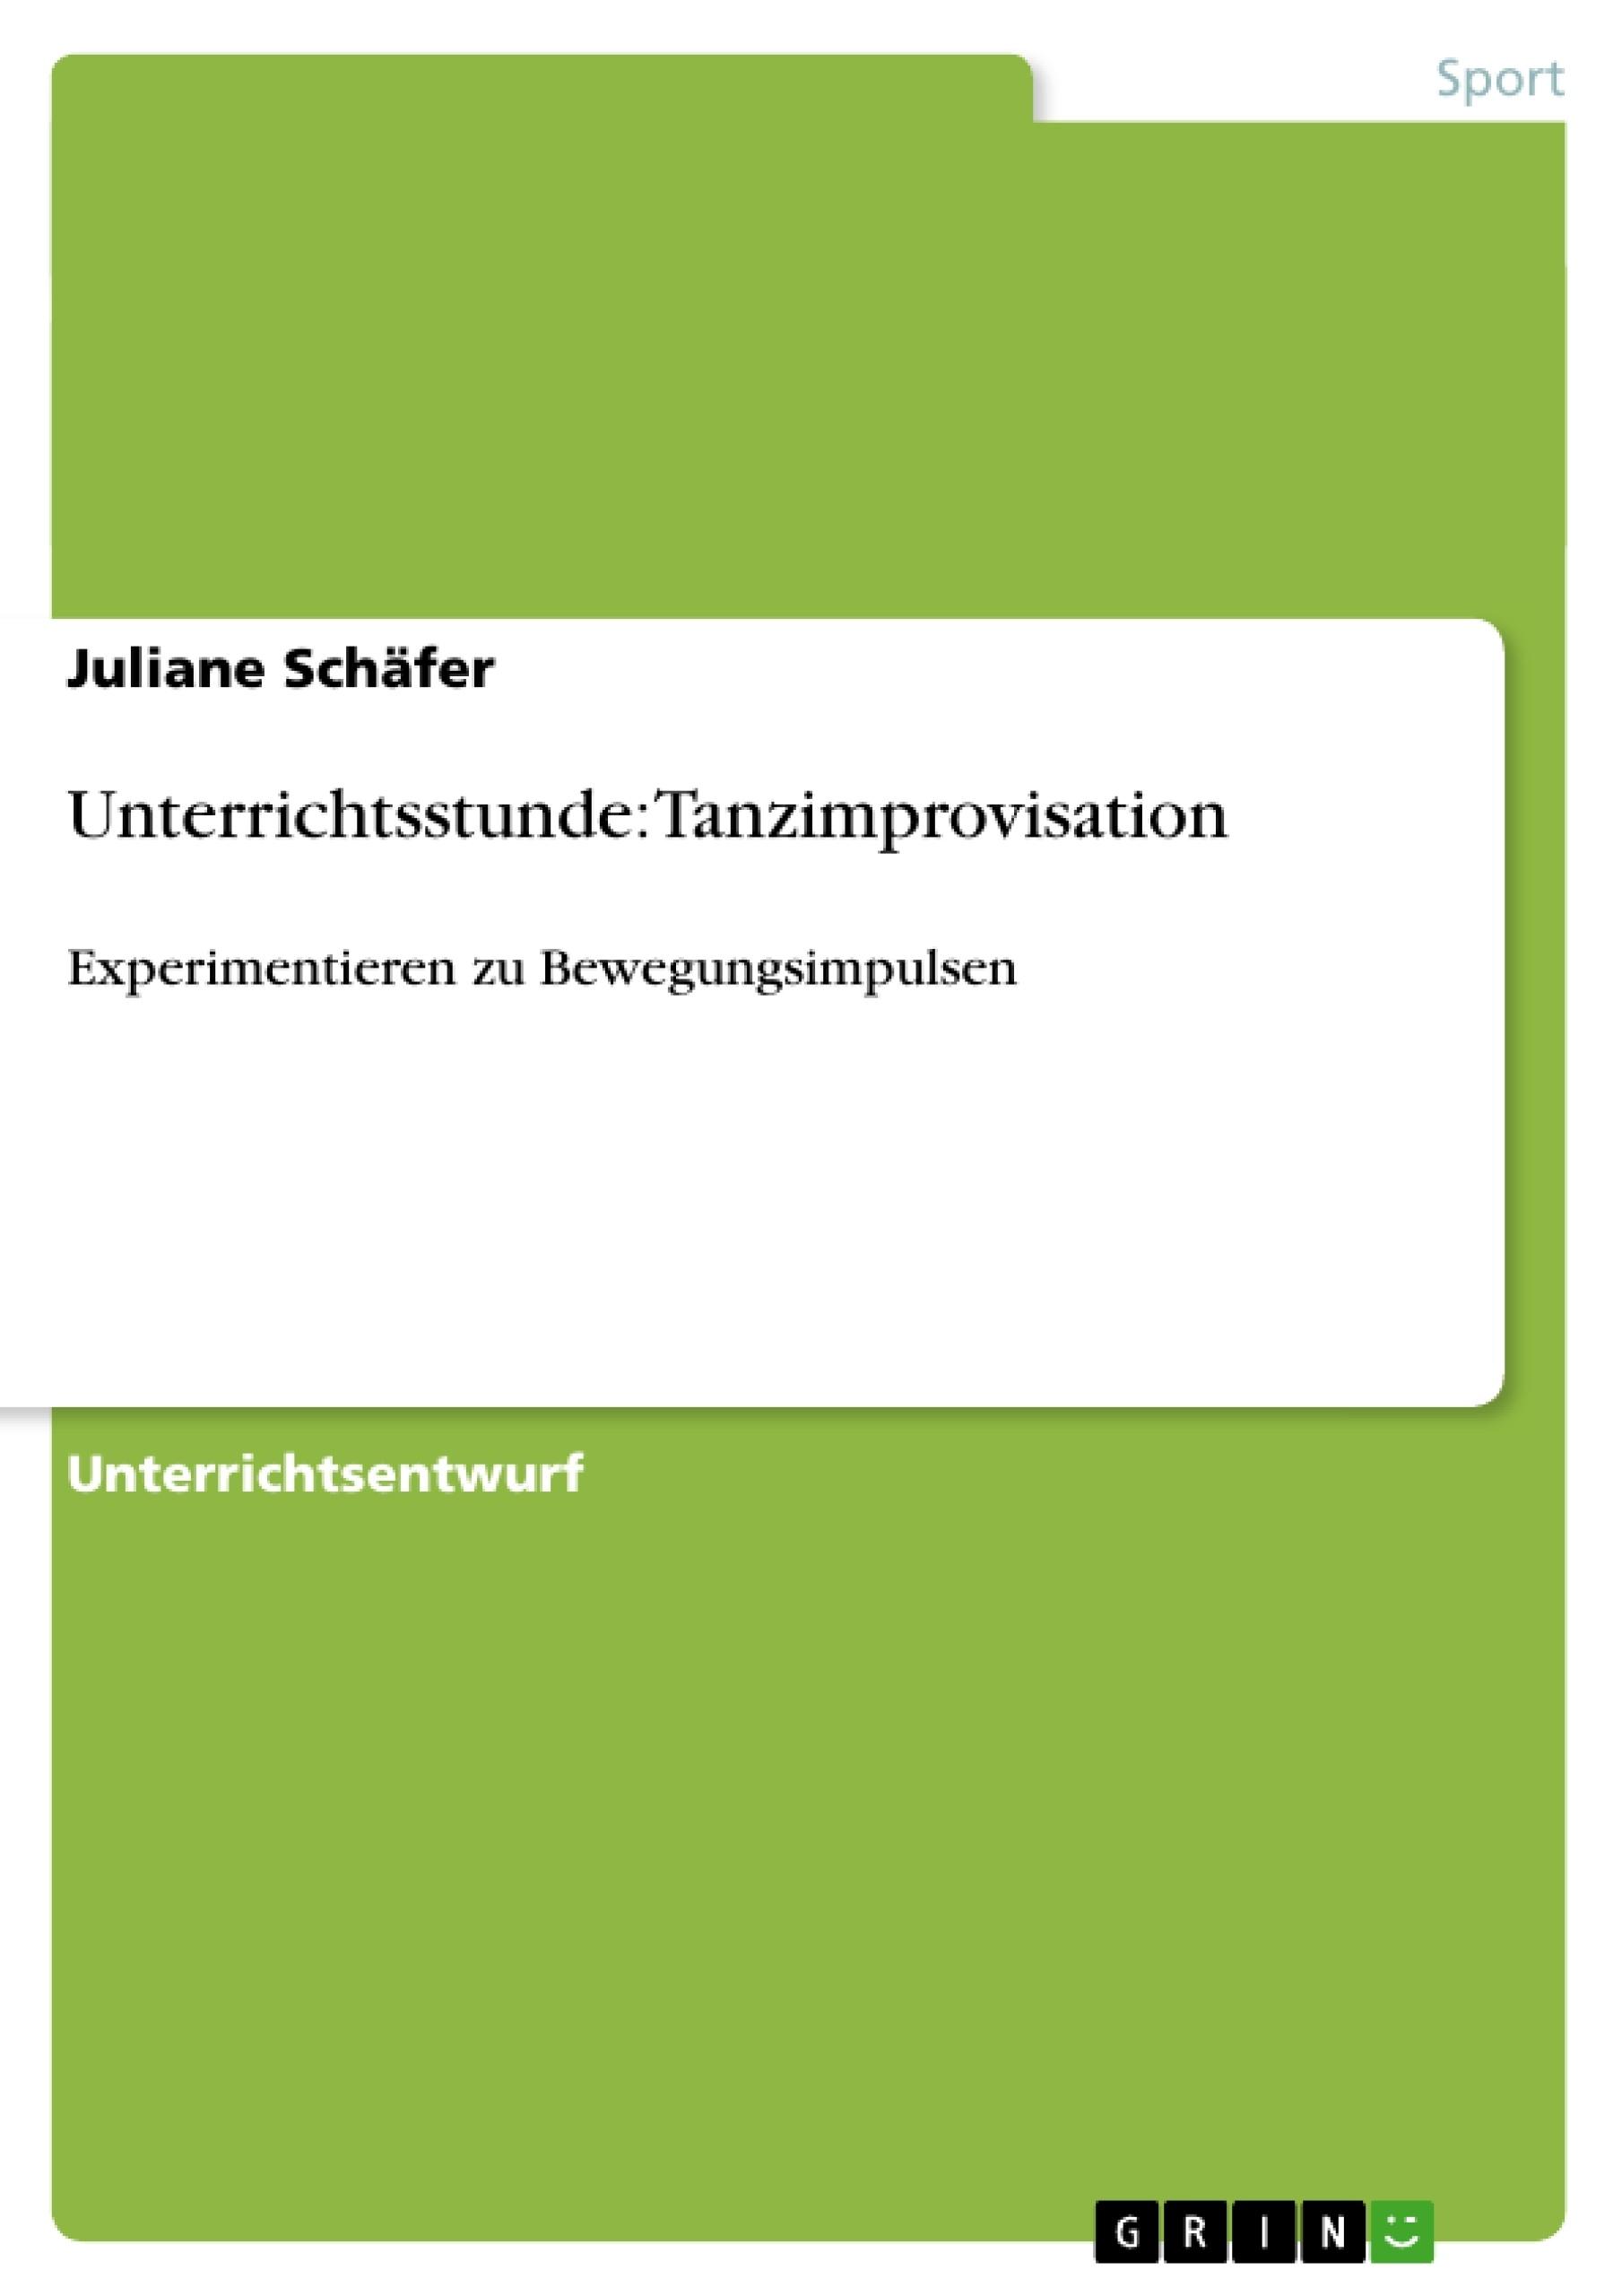 Titel: Unterrichtsstunde: Tanzimprovisation